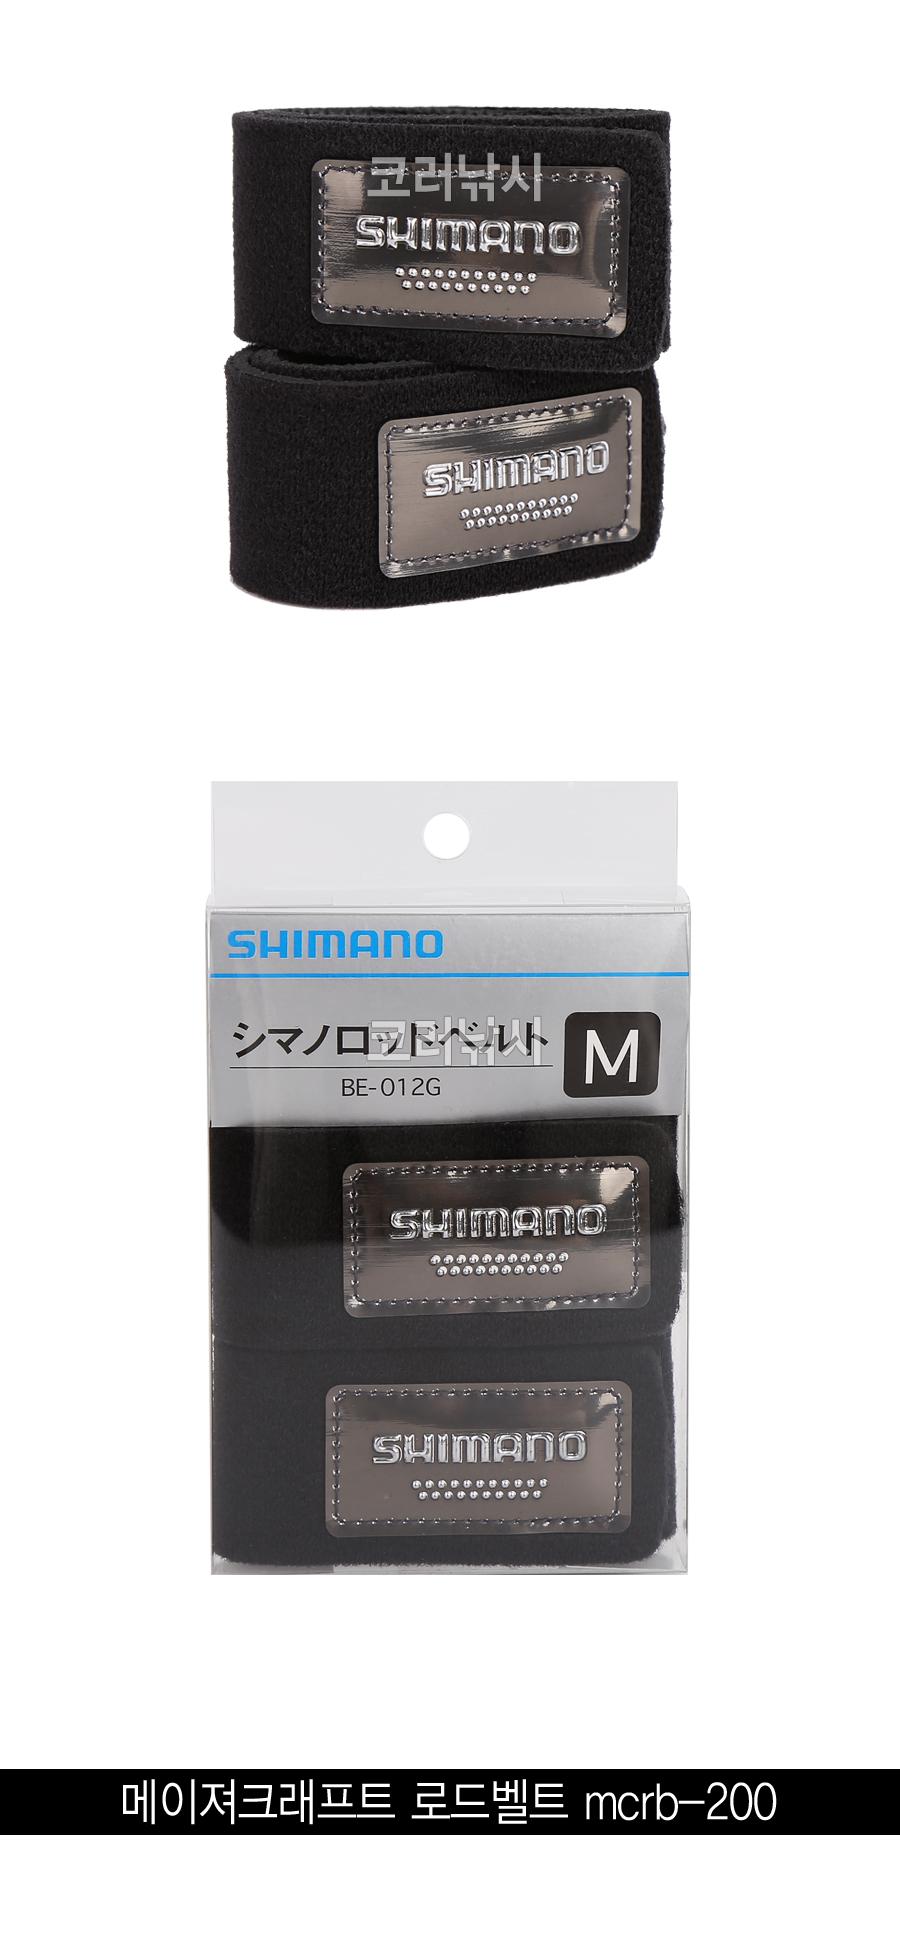 시마노 로드 벨트 BE-012G 벨트 로드벨트 낚시대벨트 로드